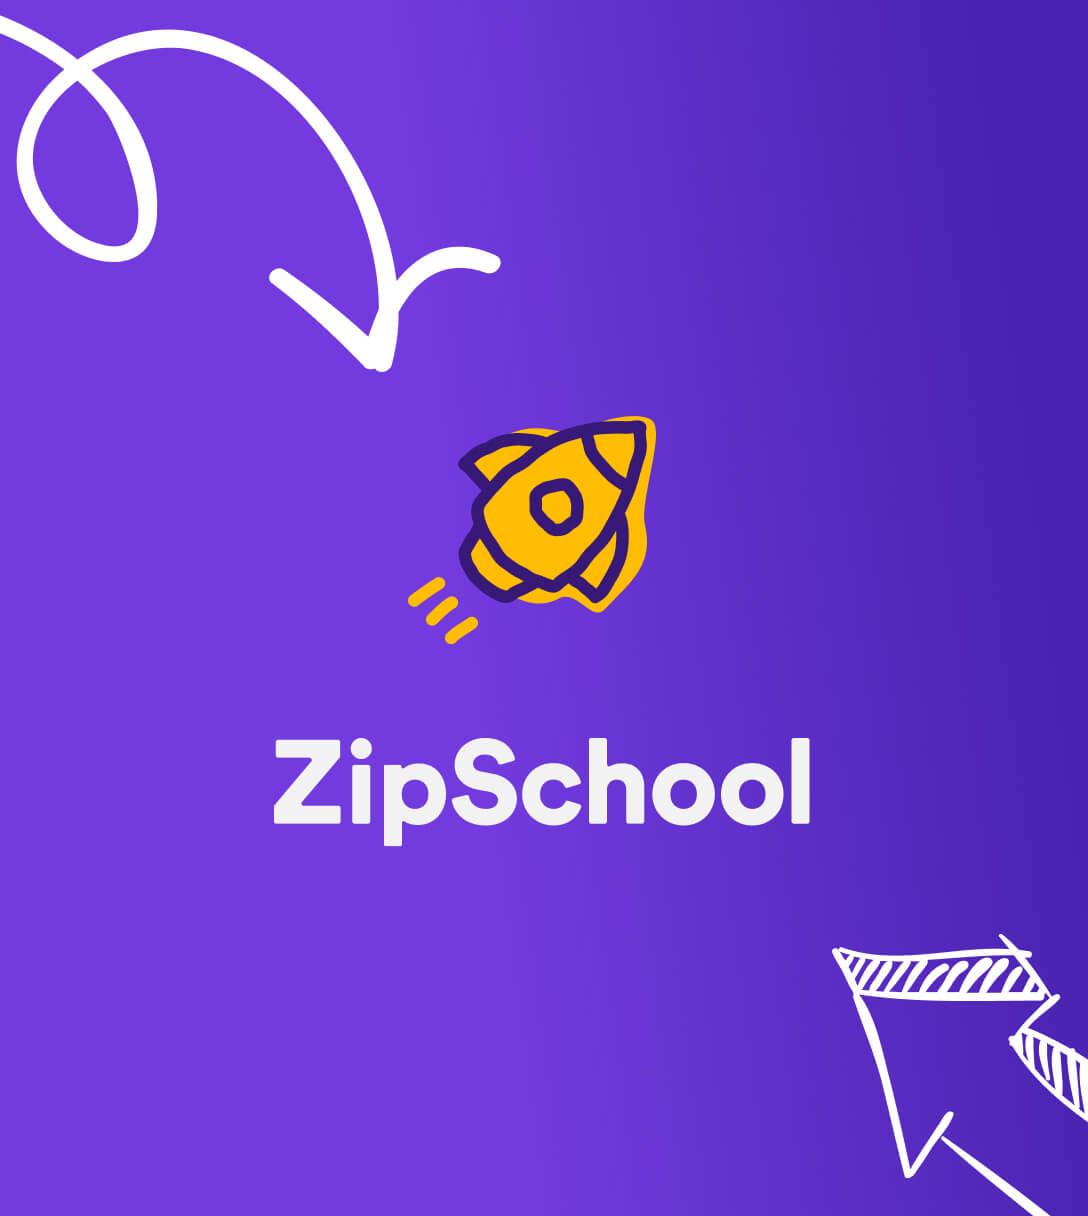 ZipSchool Graphic 1